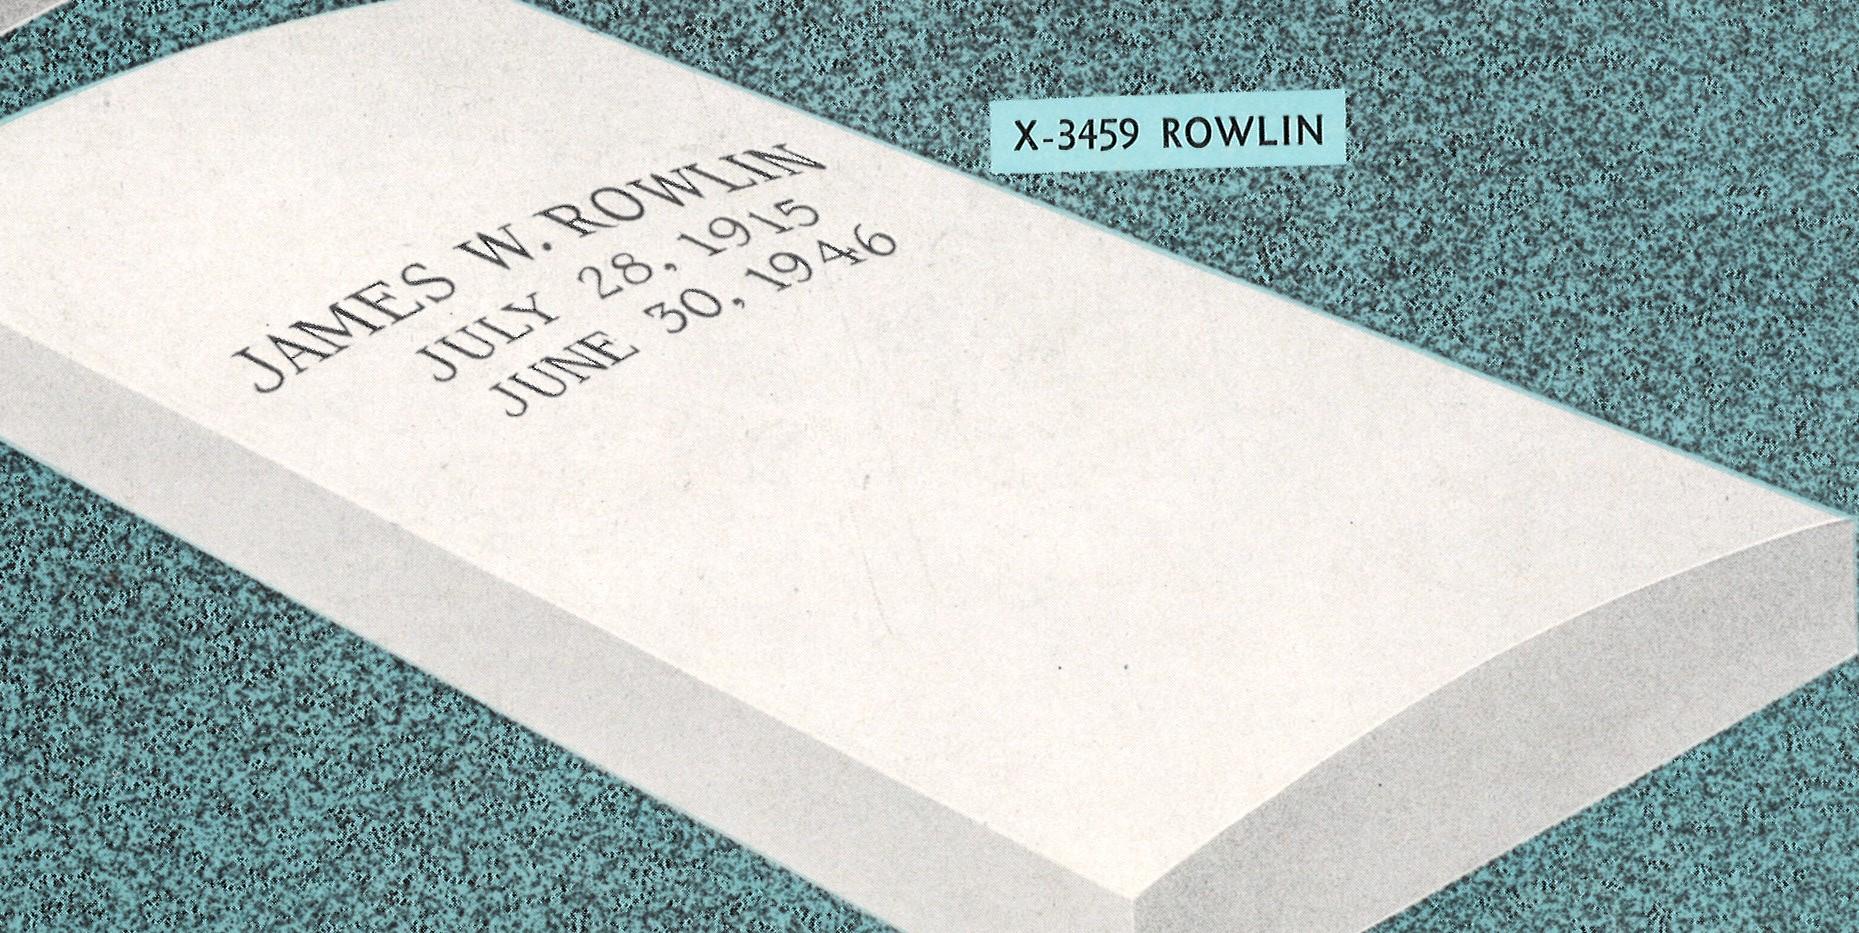 X-3459 Rowlin